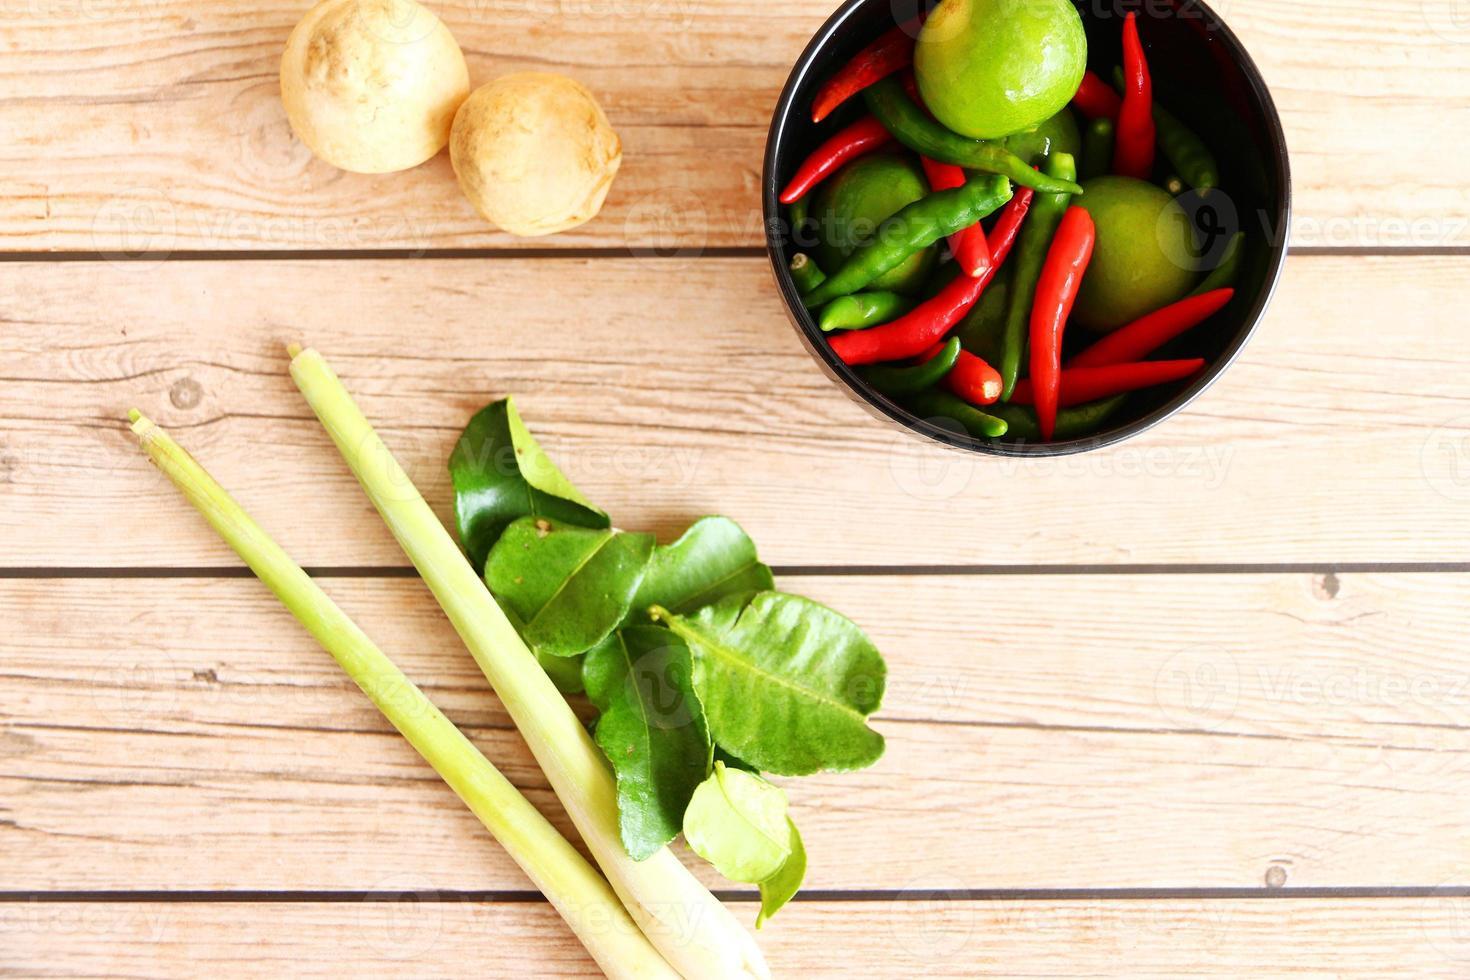 especiarias e ervas da sopa de inhame tom tailandês foto